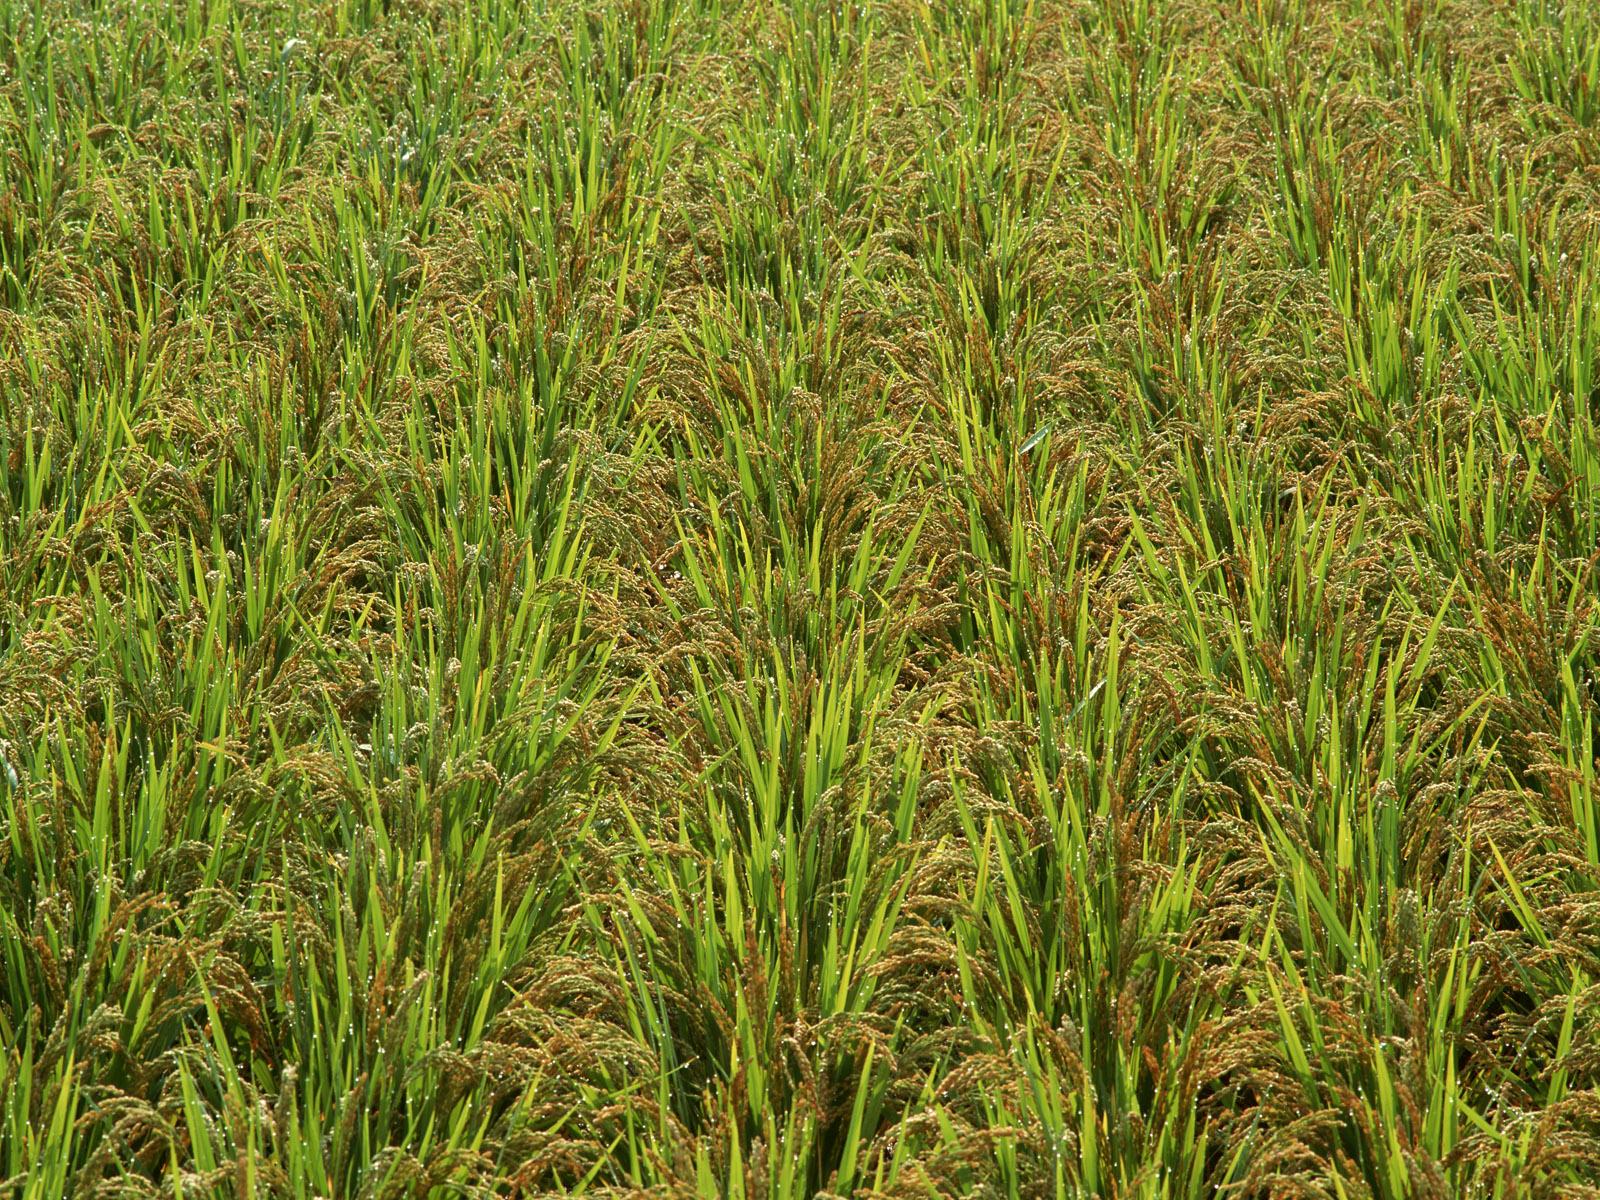 http://2.bp.blogspot.com/_W1ueYt1O3xs/TDsfCZ5f3AI/AAAAAAAAV3c/QZl1k3mCjLk/s1600/rice+farm+wallpapers+%2820%29.jpg